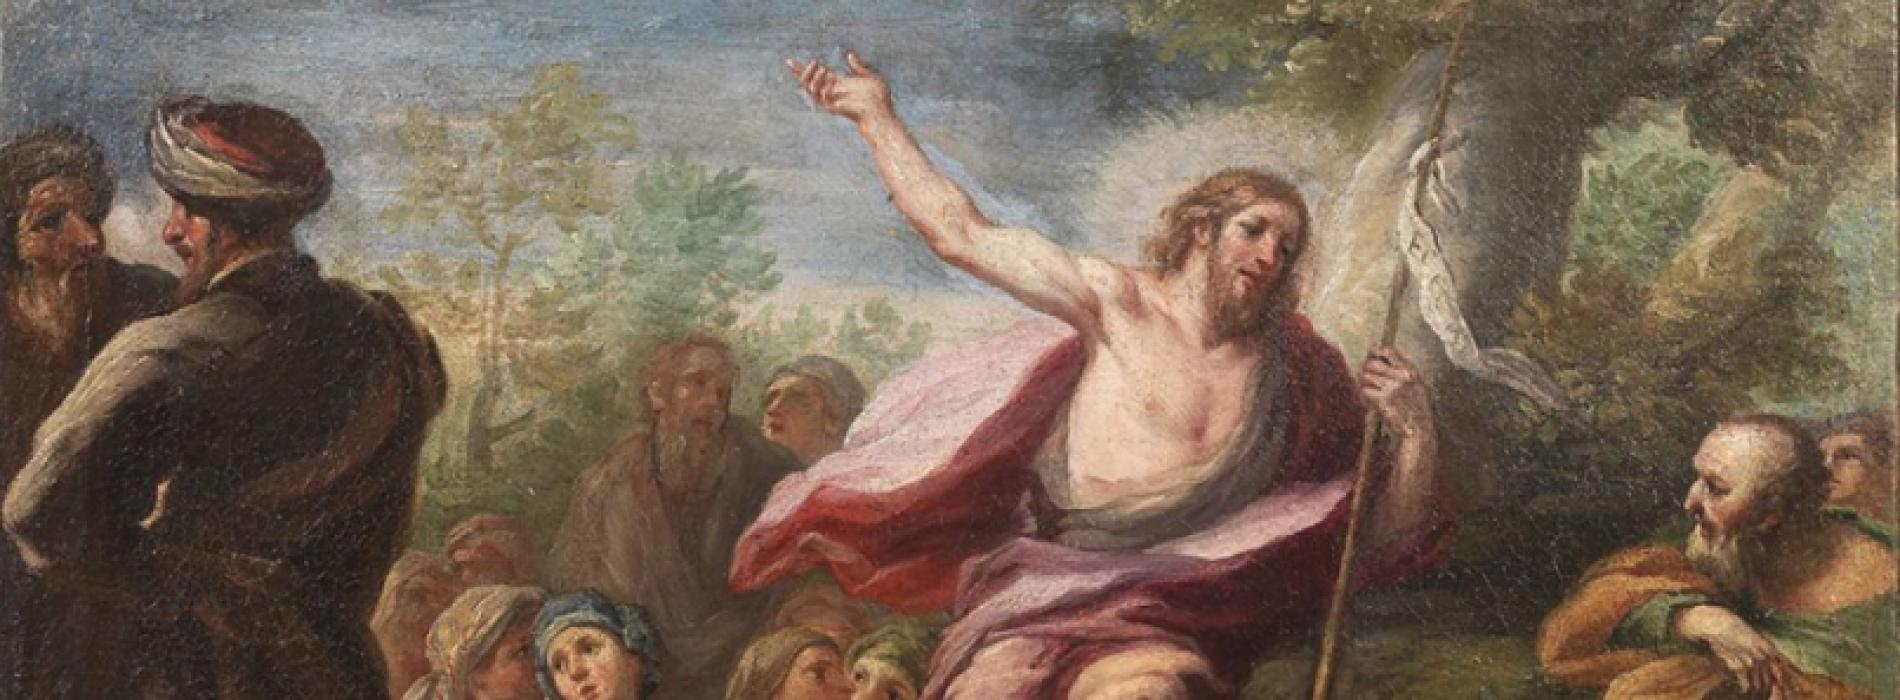 24 giugno, la festività di San Giovanni nella notte più magica